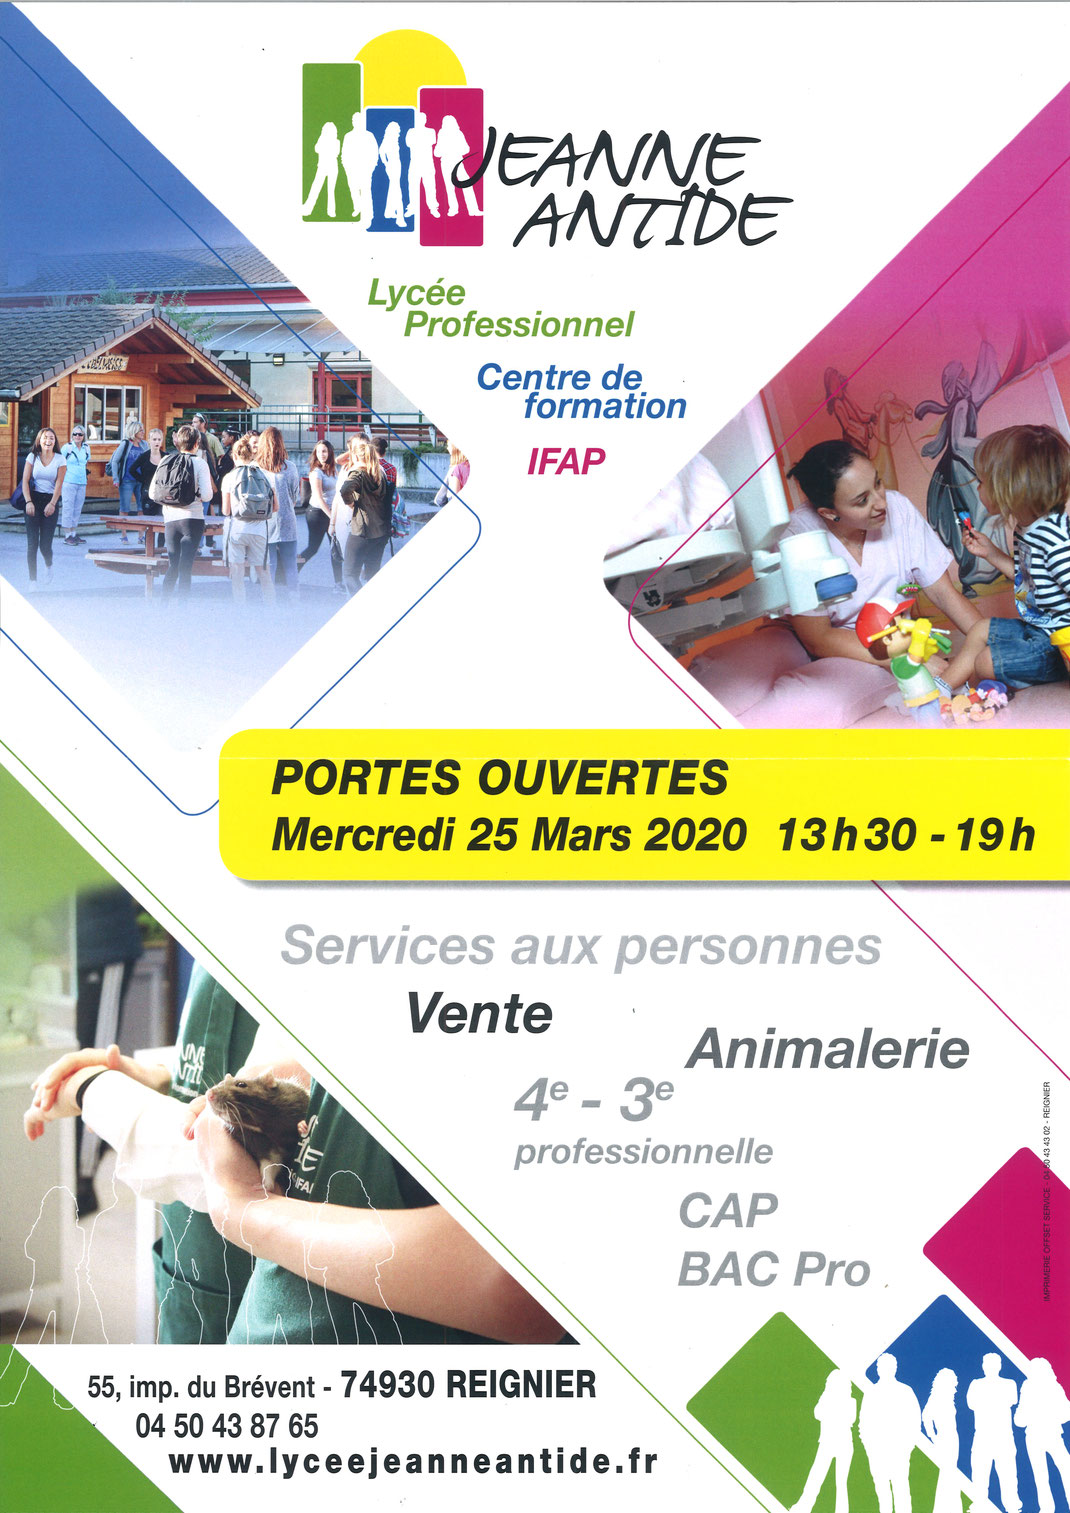 Jeanne Antide - CAP | CAPa | BAC PROFESSIONNEL | DE  Portes ouvertes: Mercredi 25 Mars 2020 13:30-19:00  Jeanne Antide - 55, impasse du Brévent - 74930 REIGNIER  04 50 43 87 65 | reignier@cneap.fr | www.lyceejeanneantide.fr